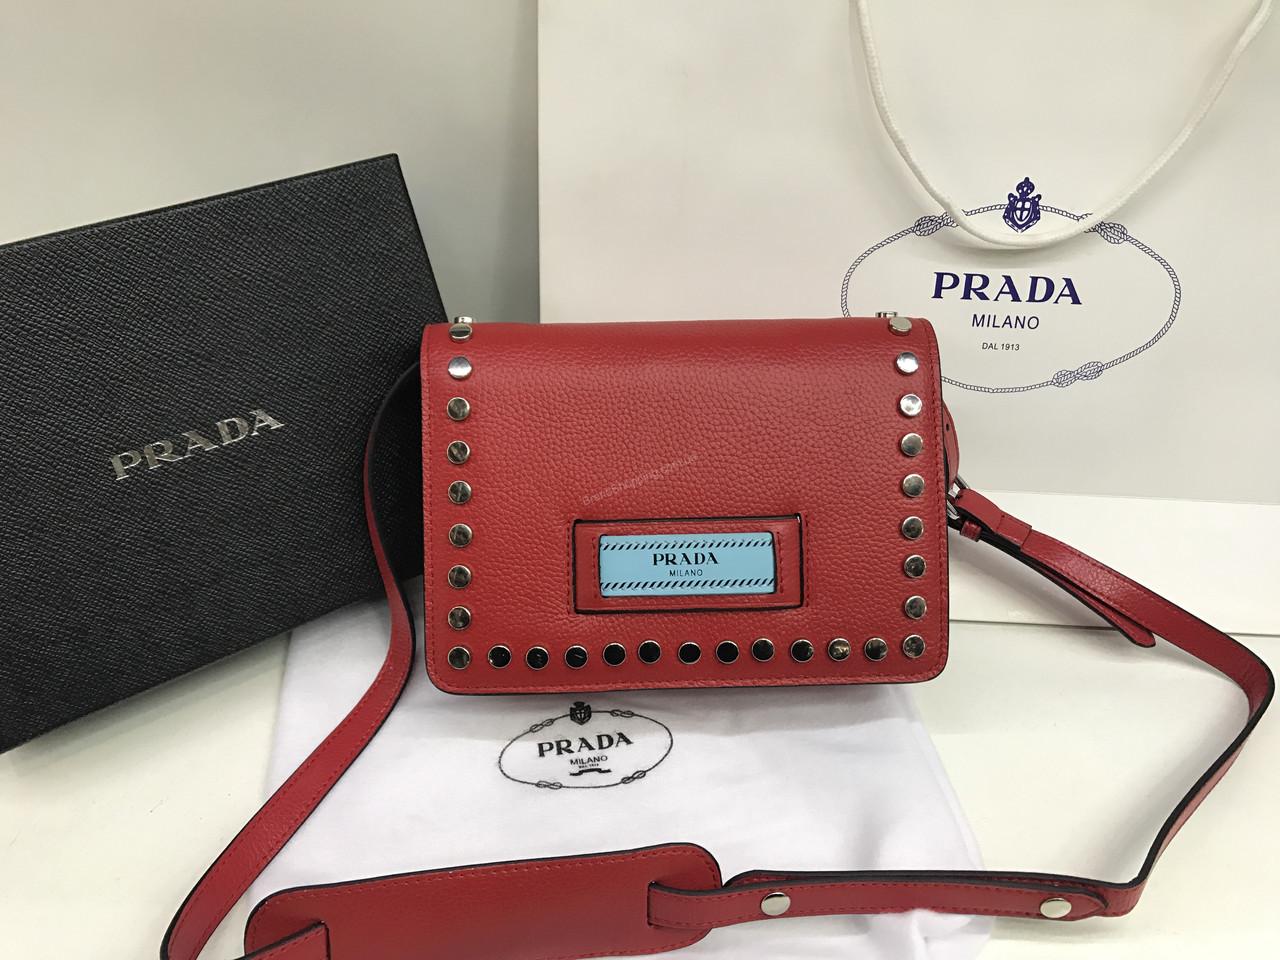 98649bbbe165 Новинка! Кожаная сумка (сумочка ) Prada Lux из натуральной кожи в красном  цвете 1792